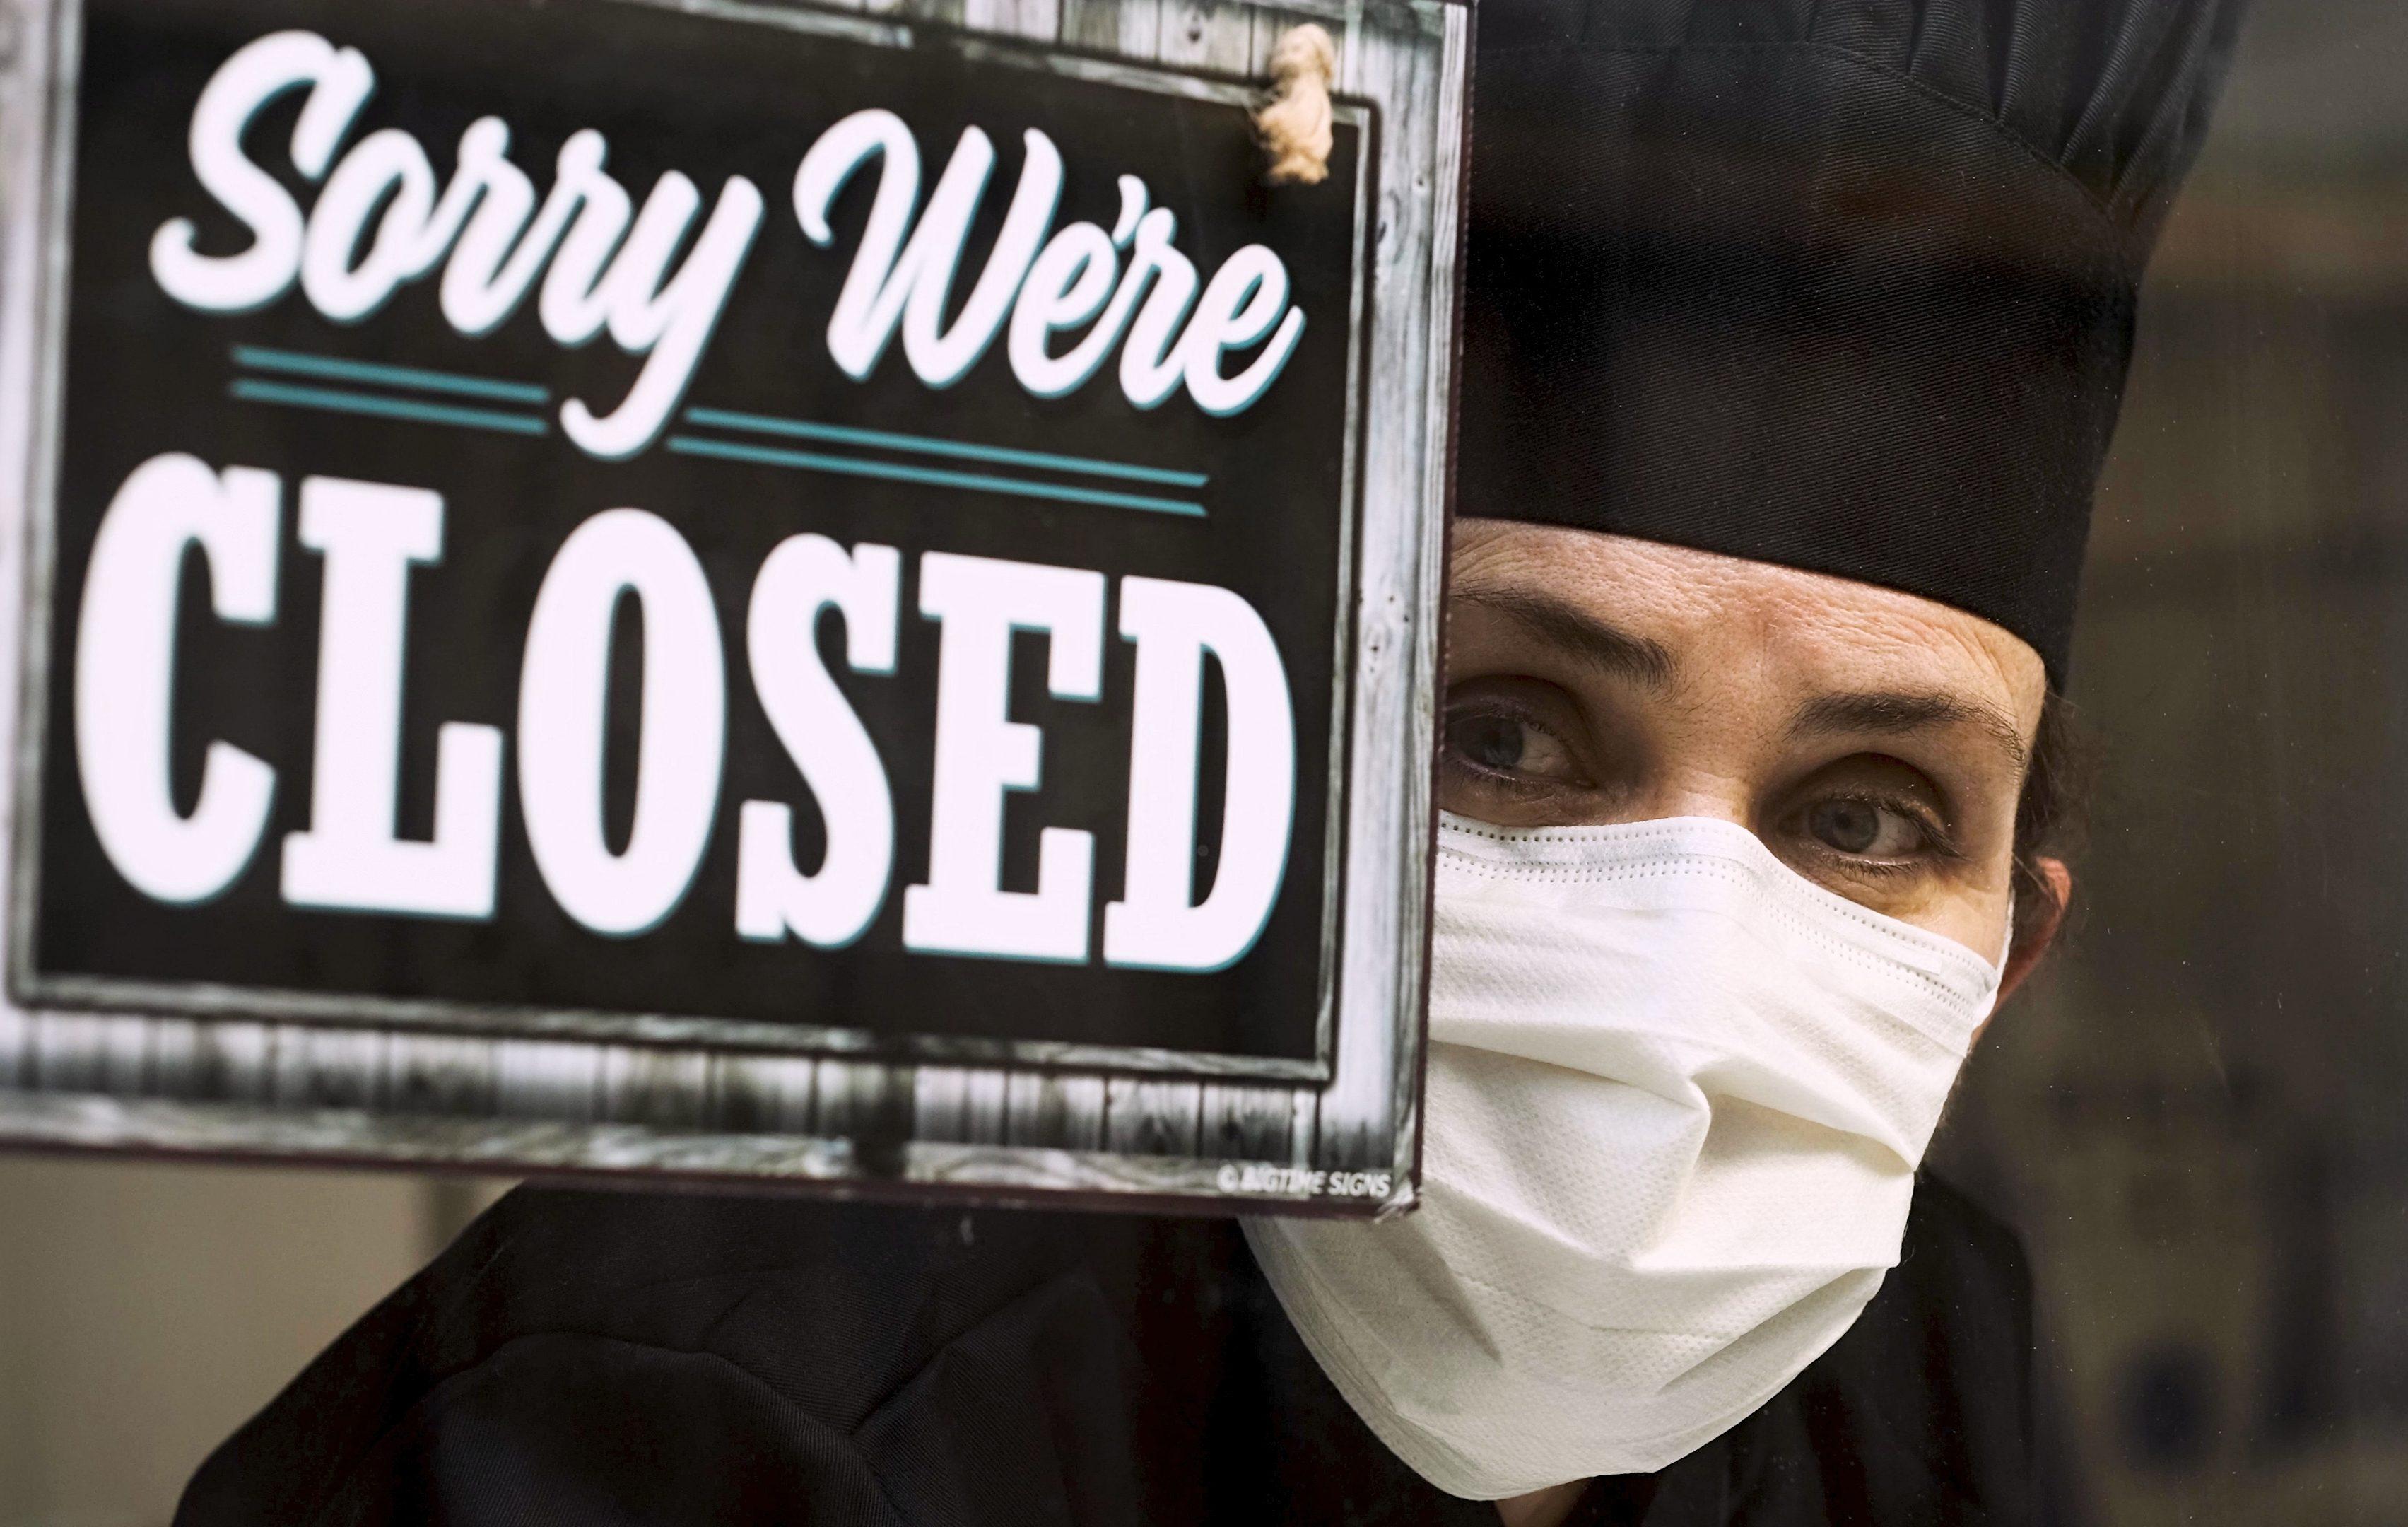 #IoApro: l'apertura forzata dei ristoranti il 15 gennaio, ma la Fipe contesta la protesta